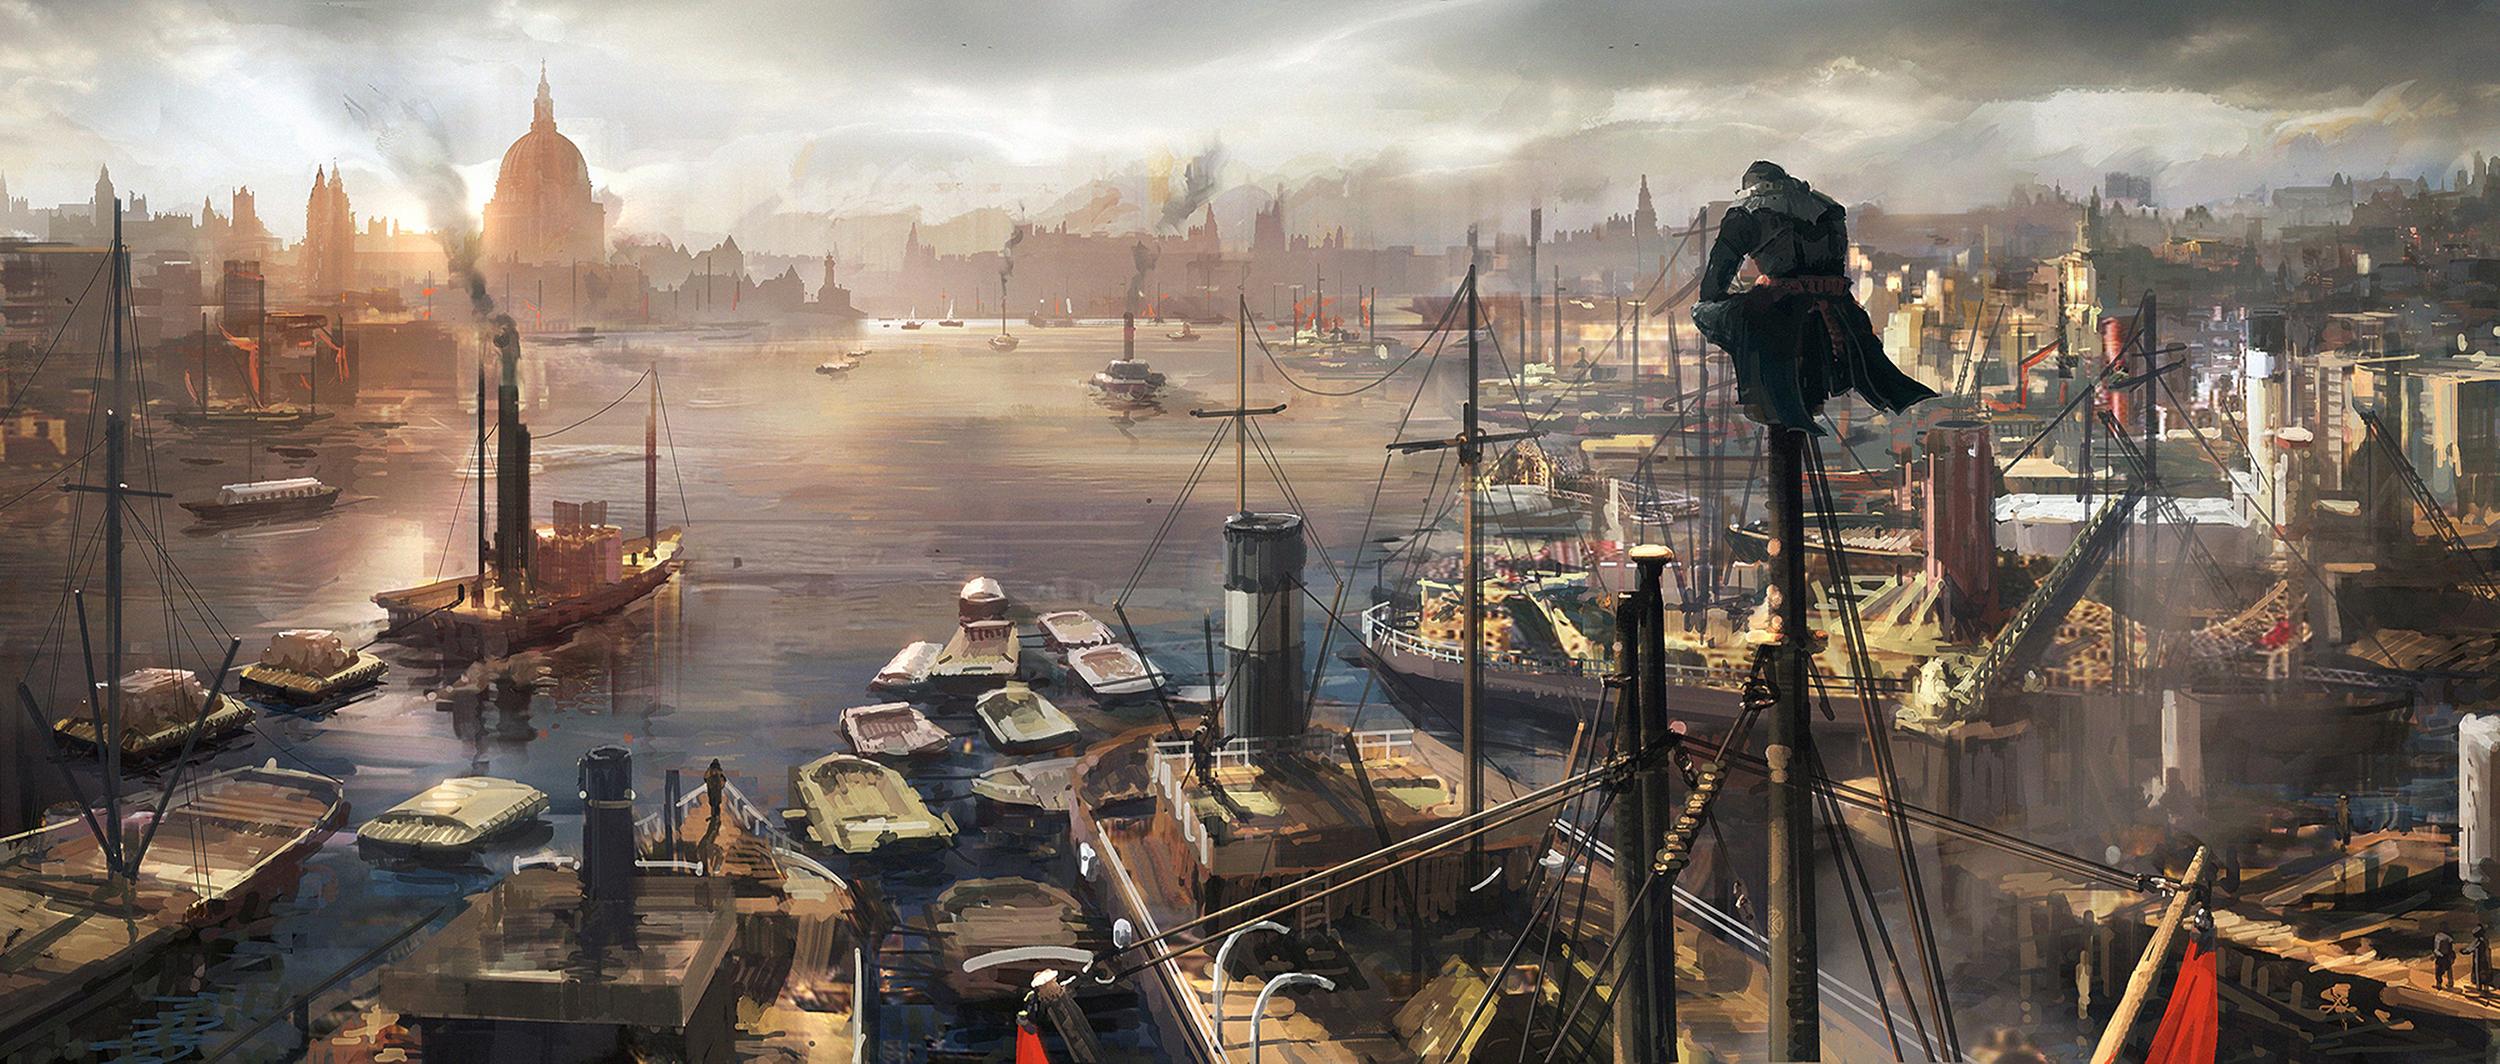 Dodatečné artworky z Assassin's Creed: Syndicate 108978